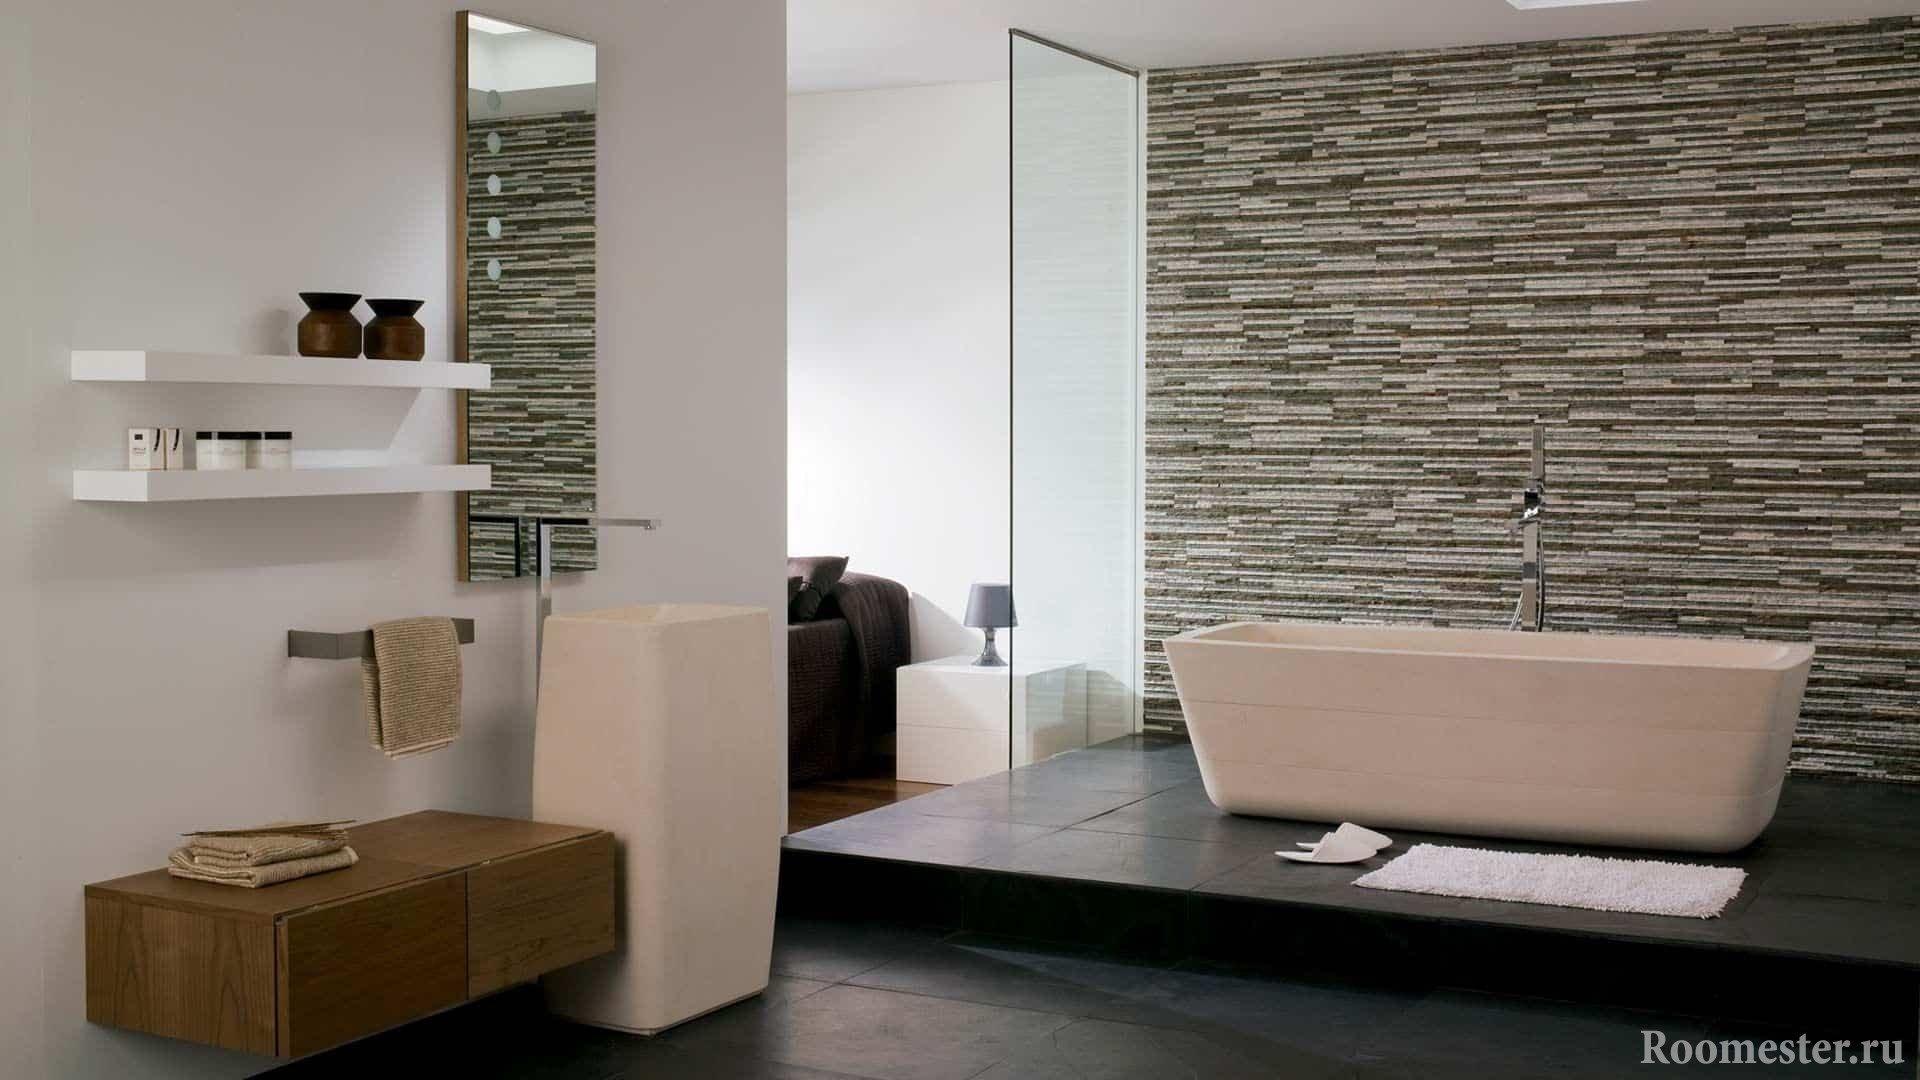 Ванная комната со стенной из камня